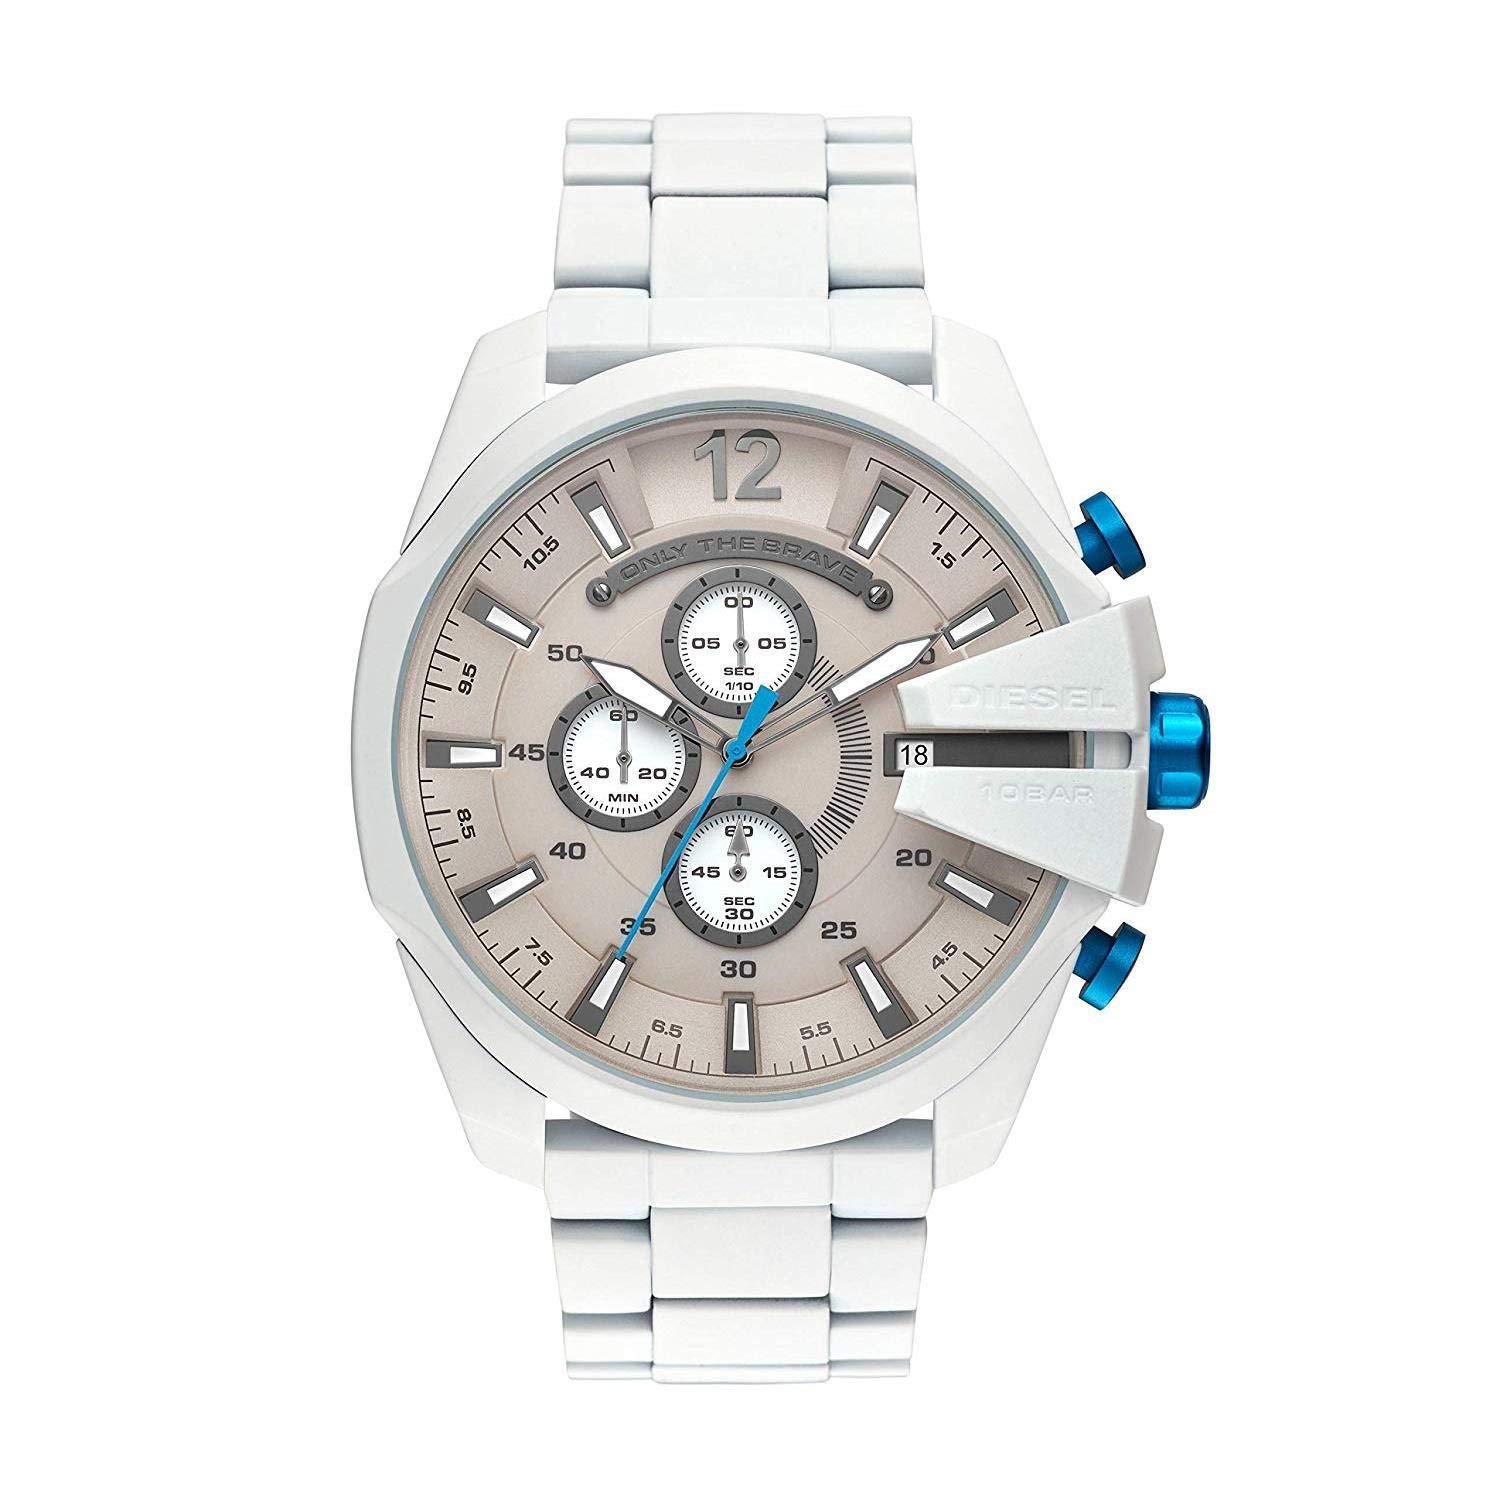 Watch Diesel Men's Mega Chief Watch Quartz Mineral Crystal DZ4502 DZ4502 by Diesel